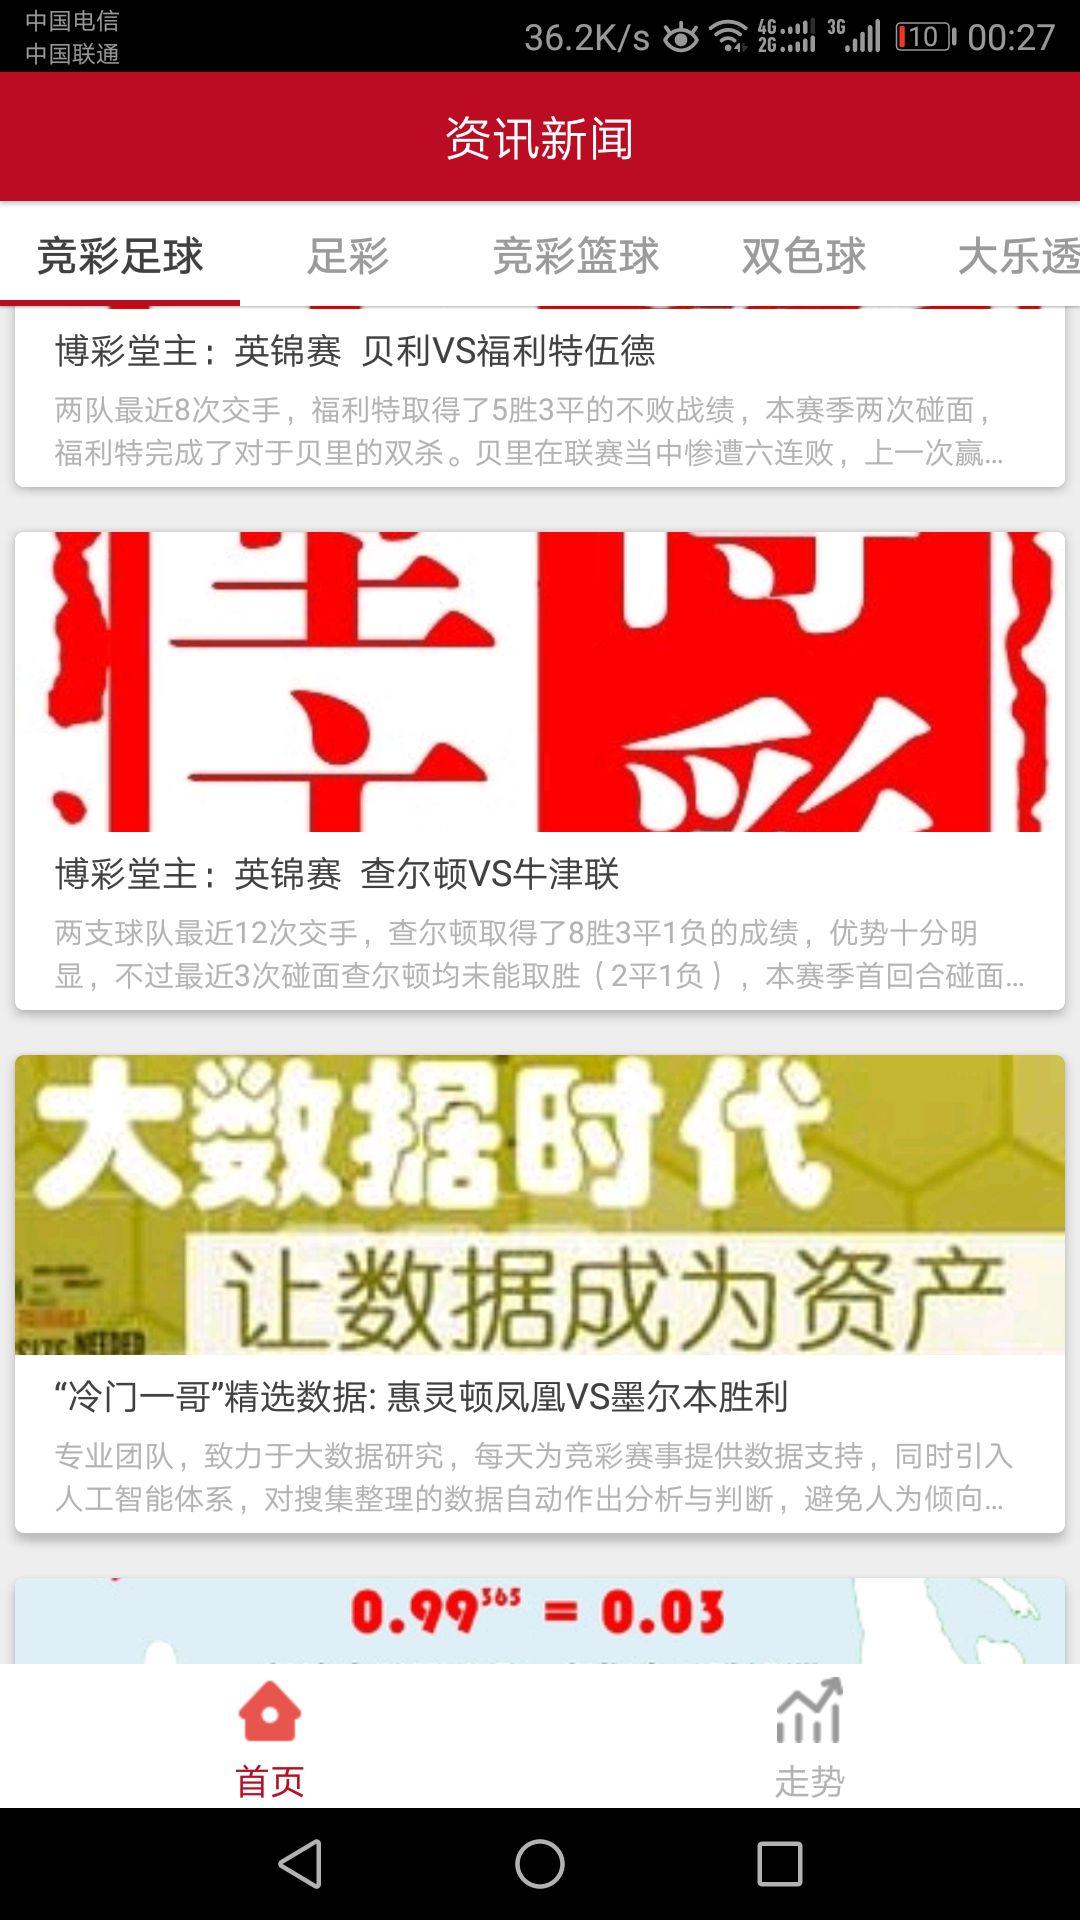 天津时时彩-应用截图